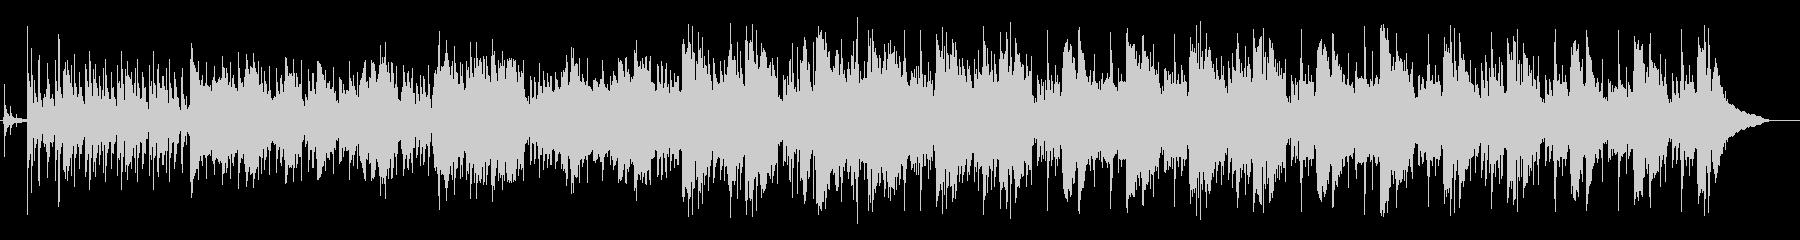 サックスの旋律が入ったセッション形式の曲の未再生の波形